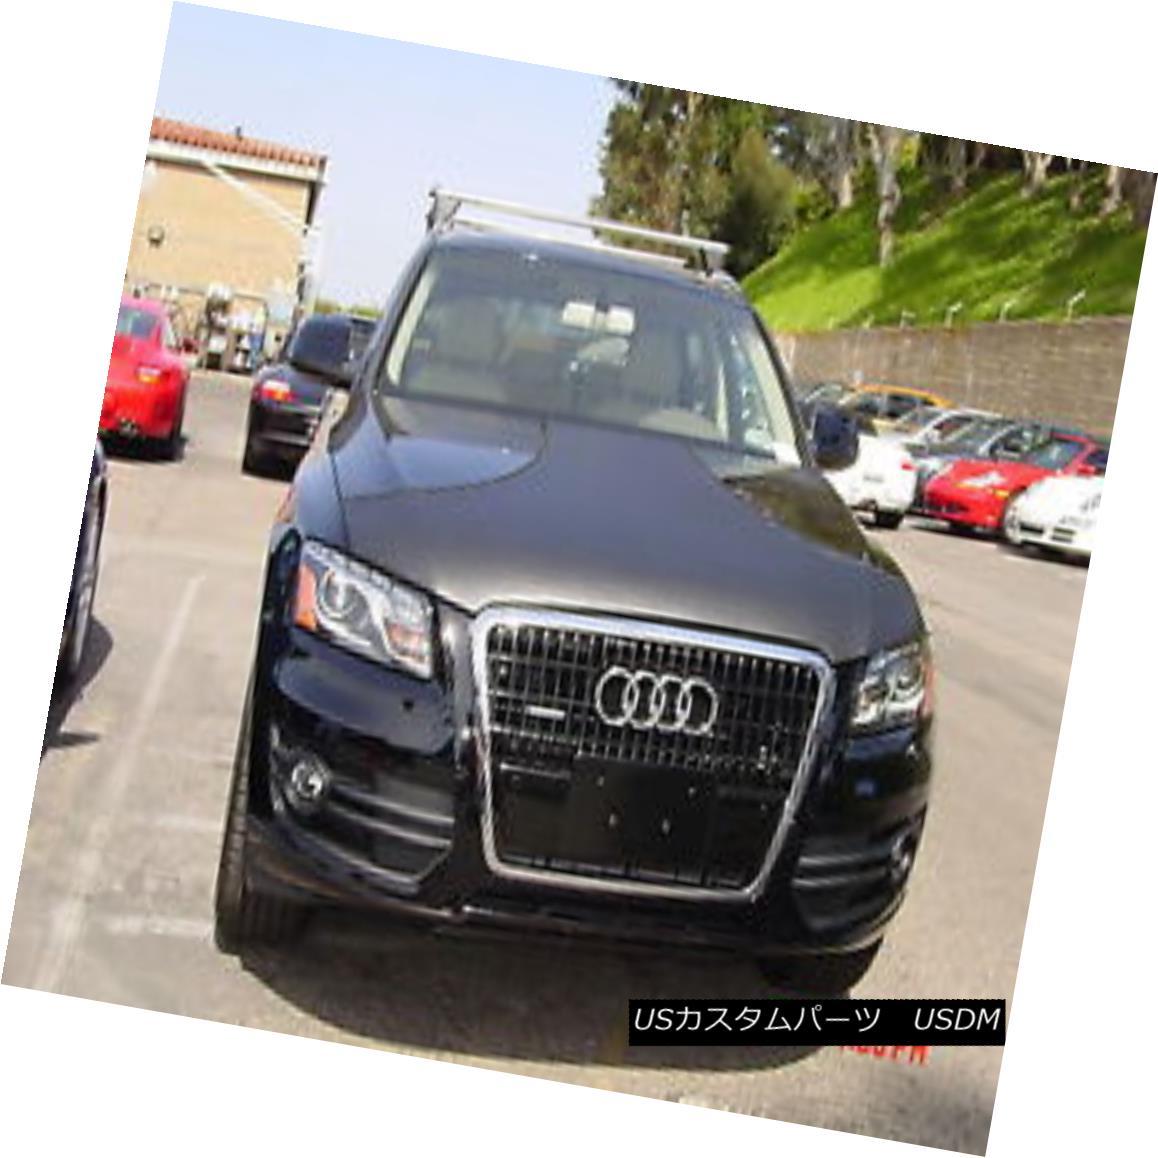 Q5 Colgan Q5 ノーズブラ 2009-2012に適合 フルブラ Bra Hood Fits Mask コルガンT-スタイルフードブラ、マスクはAudi 2009-2012 T-Style Audi